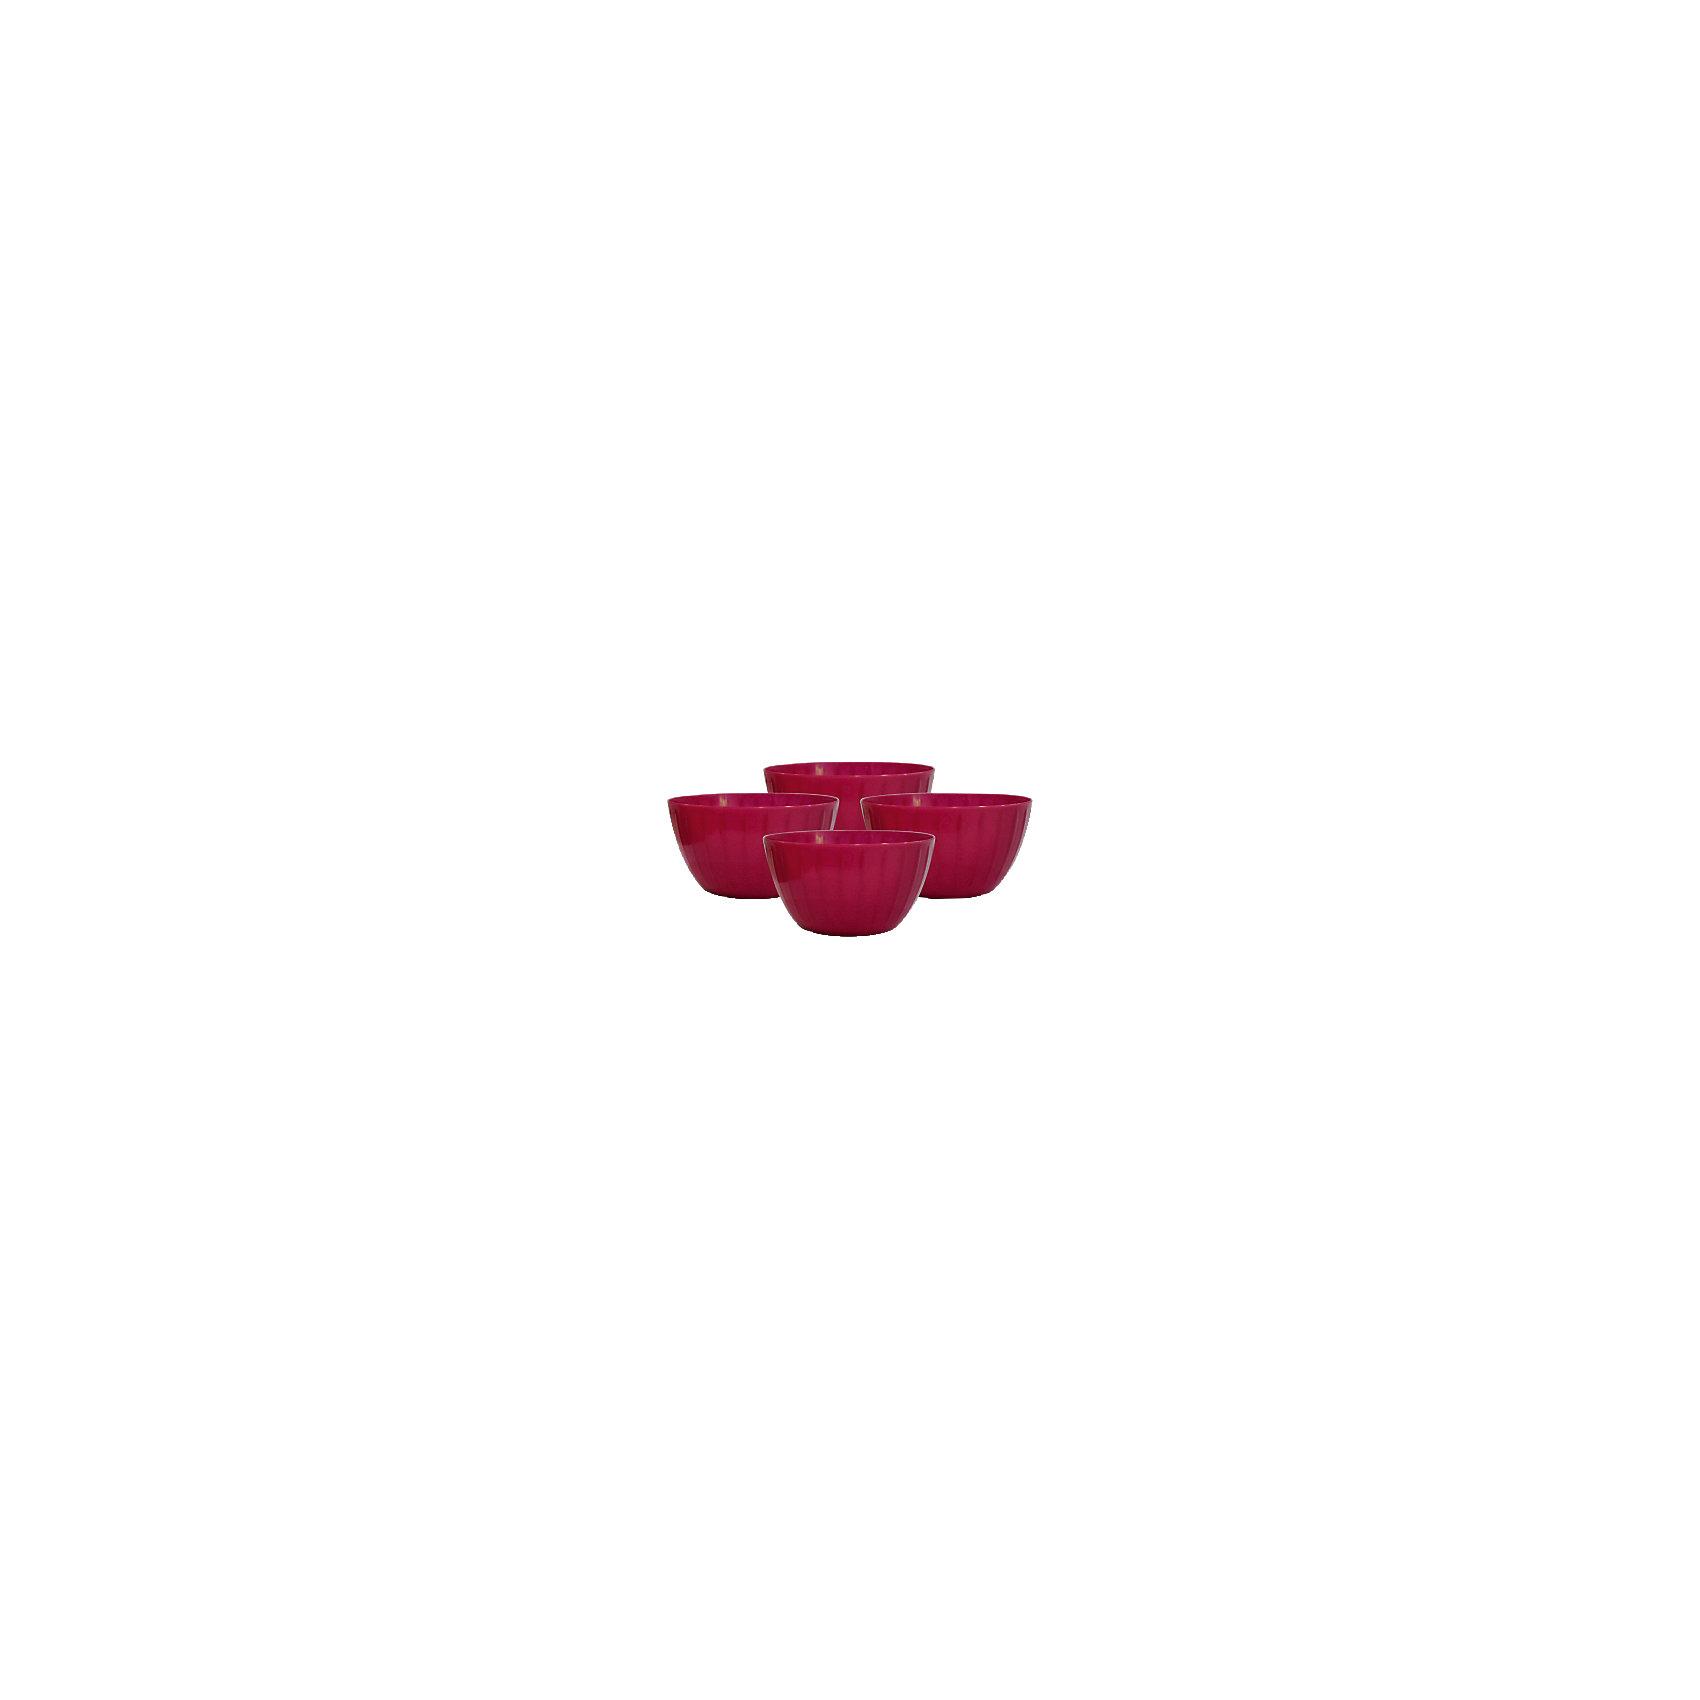 Набор салатников Fiesta 0,6 л (4 шт.), GiarettiПосуда<br>Серия салатников Fiesta – новая итальянская новинка от Giaretti. Они выгодно подчеркнут преимущества ваших блюд. Салатники объемом 0,6 л удобно помещаются друг в друга, что позволяет практично использовать пространство для хранения. Идеально подходят для подачи салатов порционно, индивидуально каждому гостю!  Советуем комбинировать с салатниками Fiesta объемом 1,7 литра, 2,8 литра, а также 5 литров.<br><br>Ширина мм: 124<br>Глубина мм: 124<br>Высота мм: 120<br>Вес г: 178<br>Возраст от месяцев: 216<br>Возраст до месяцев: 1188<br>Пол: Унисекс<br>Возраст: Детский<br>SKU: 5545613